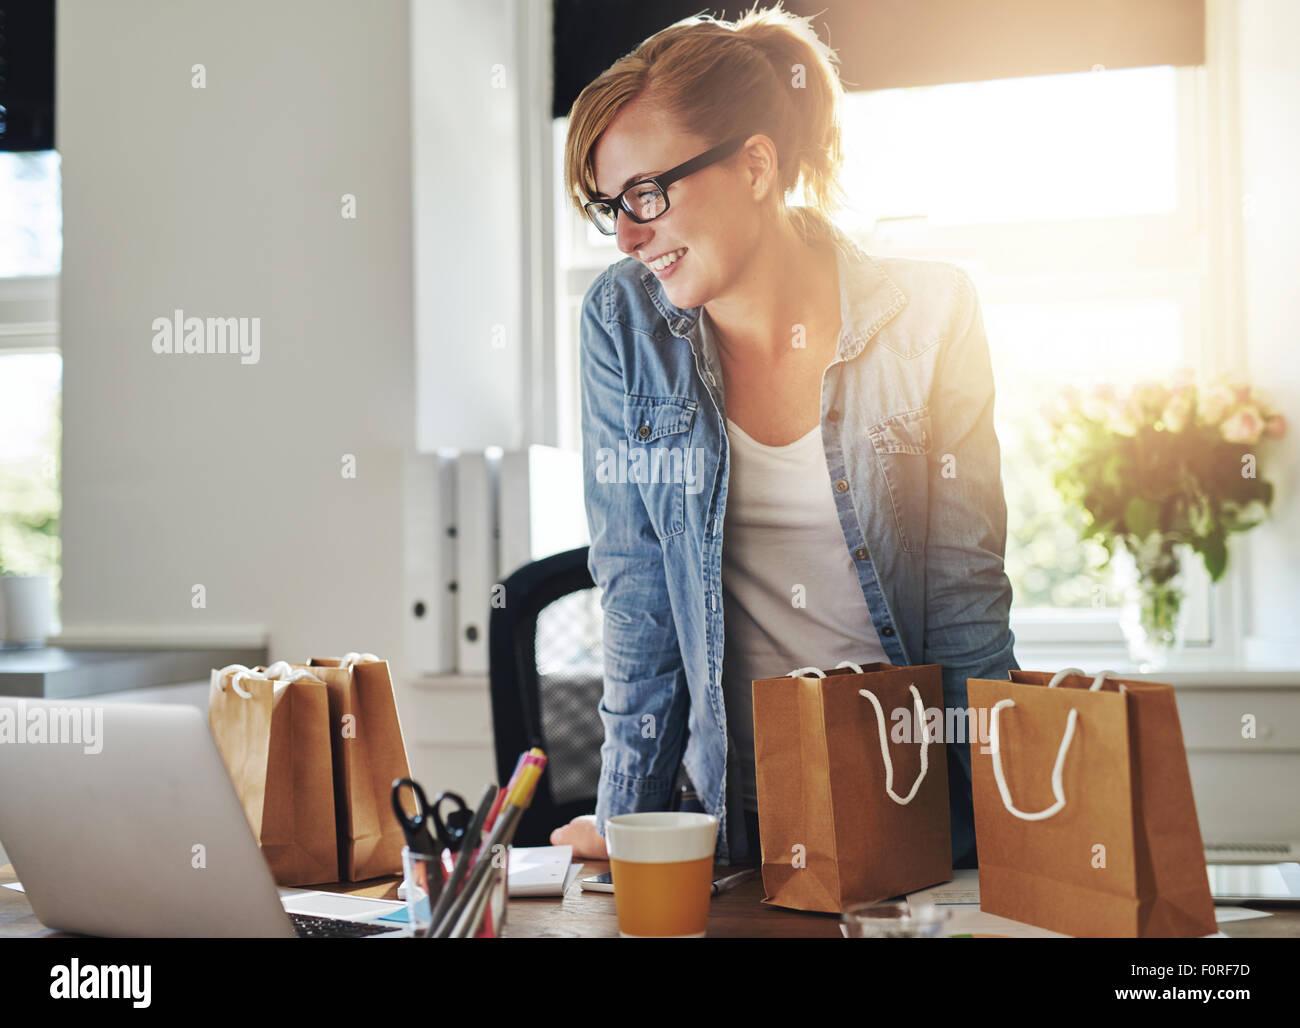 Happy Geschäftsfrau arbeiten im Home Office stehen auf Ihren Laptop durch gift bags umgeben und Verpackung Stockbild